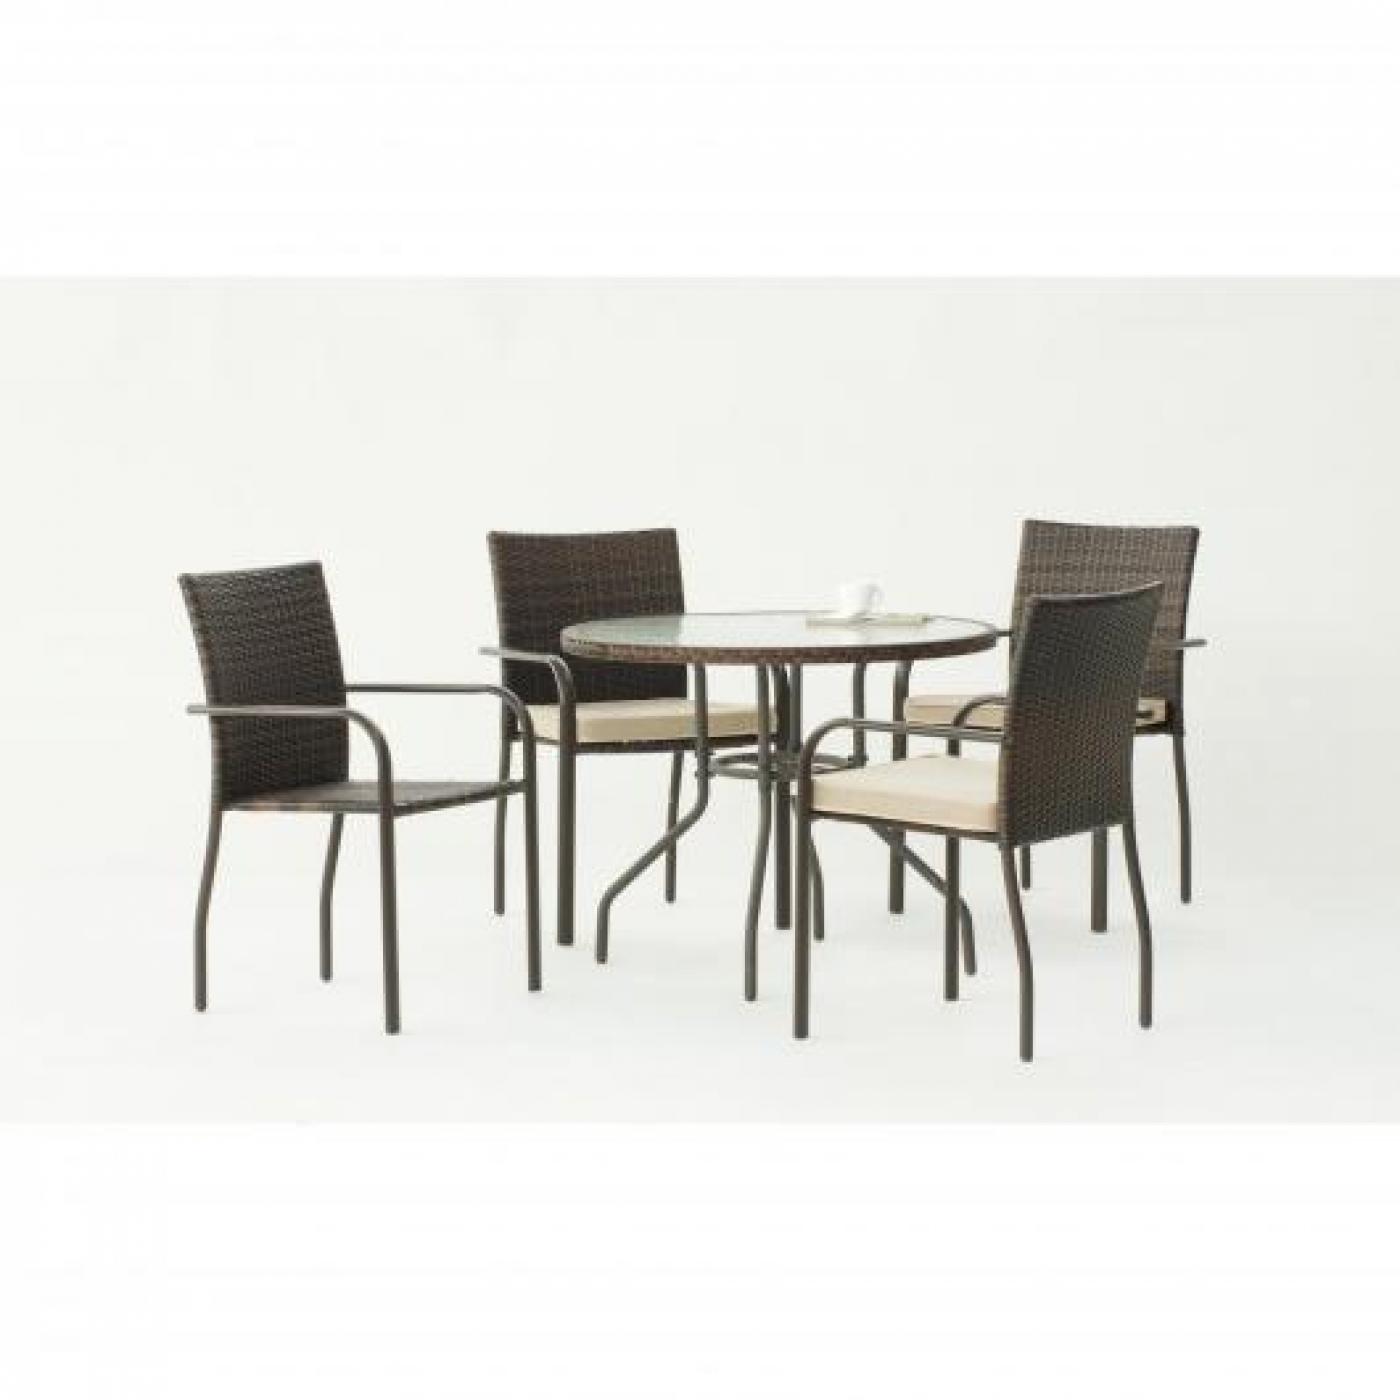 Coj n sill n set muebles de jard n sevilla por 18 00 en for Muebles de oficina sarmiento 1400